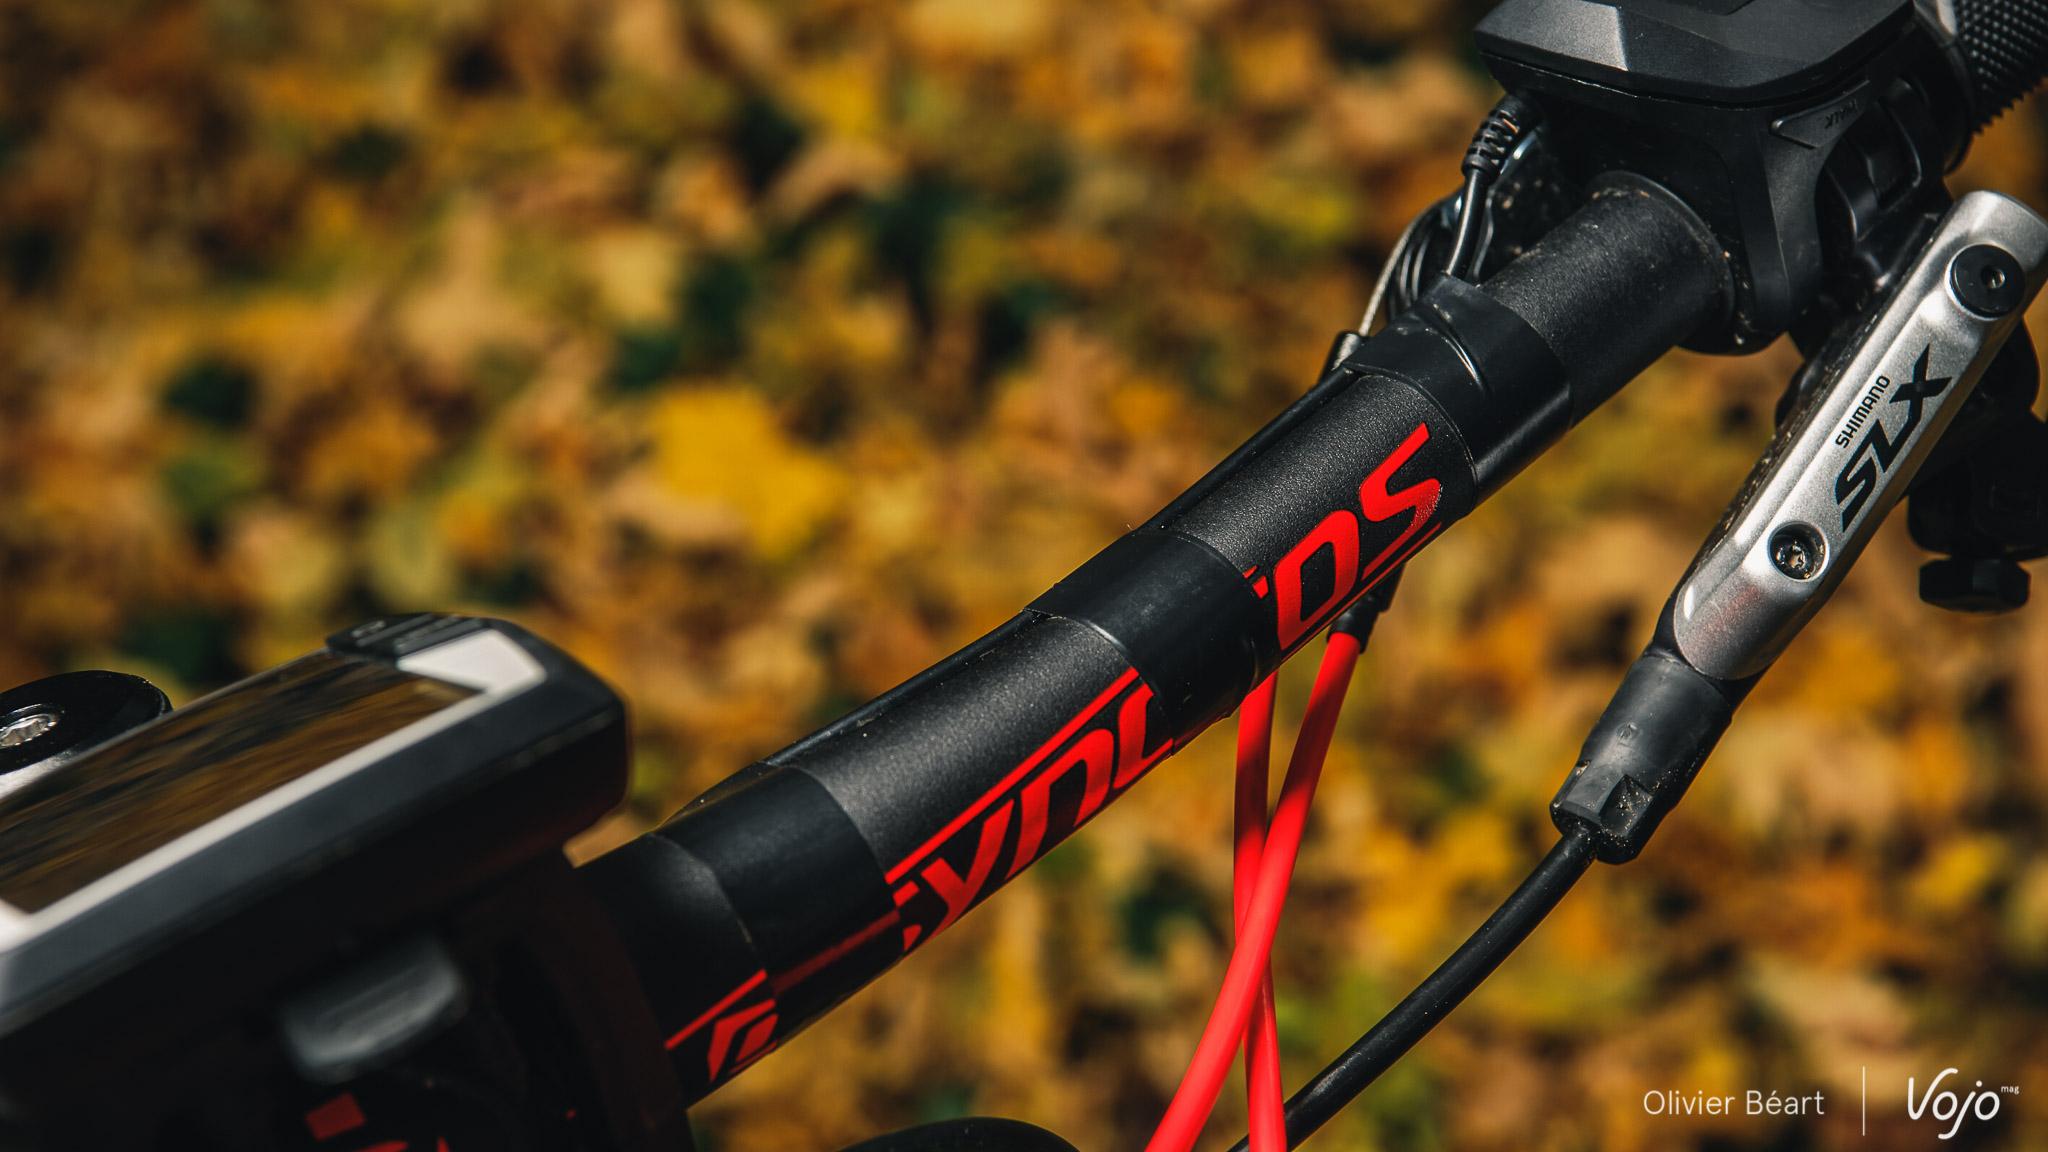 Scott_e_Genius_Test_b_Bicycle_VojoMag-1-10